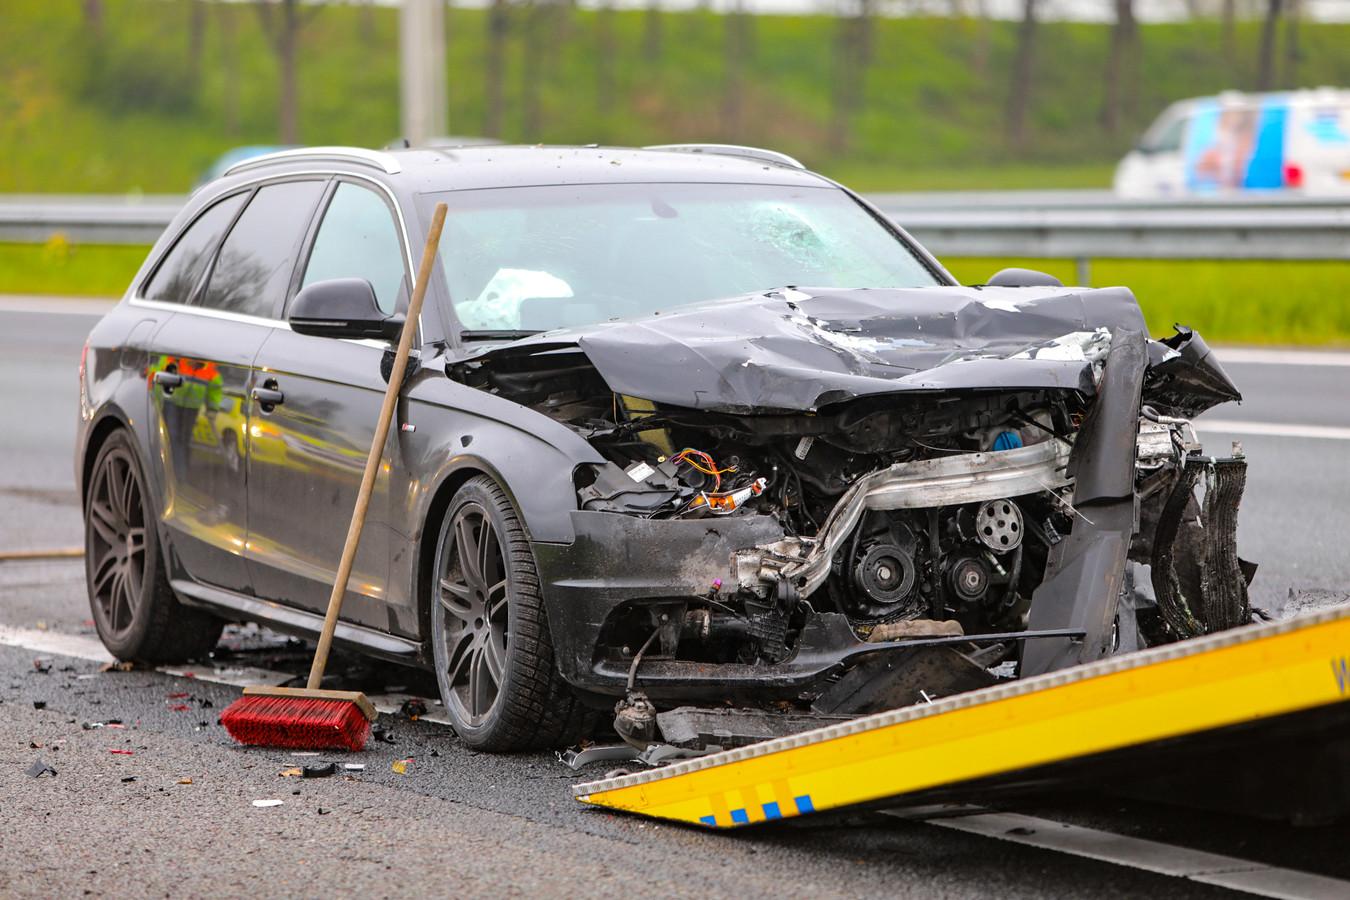 Bij een kop-staartbotsing raakten een bedrijfswagen en een personenauto zwaar beschadigd.